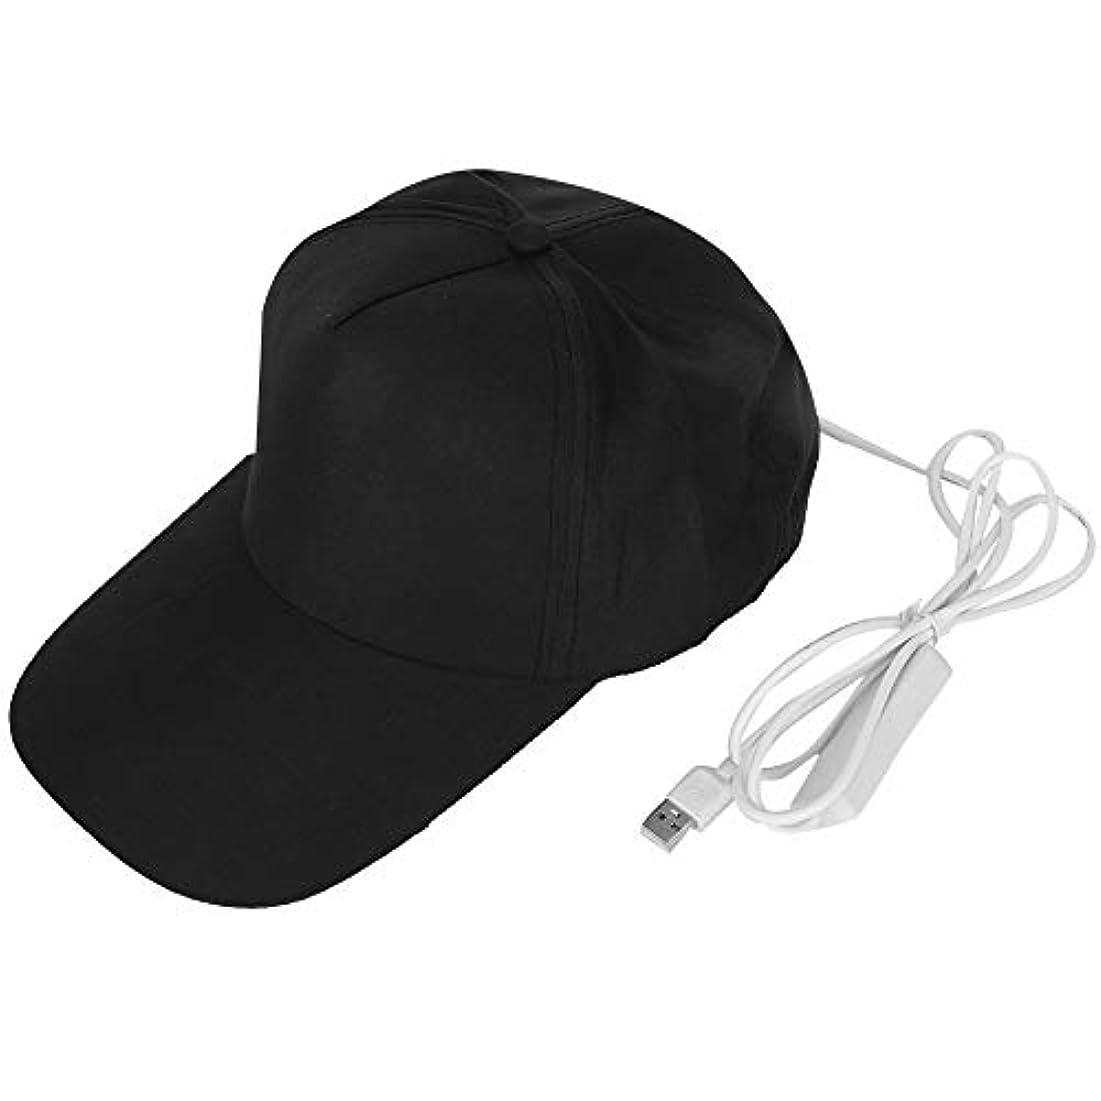 火薬モディッシュ無許可調節可能な毛の成長の器械ランプのビードの帽子